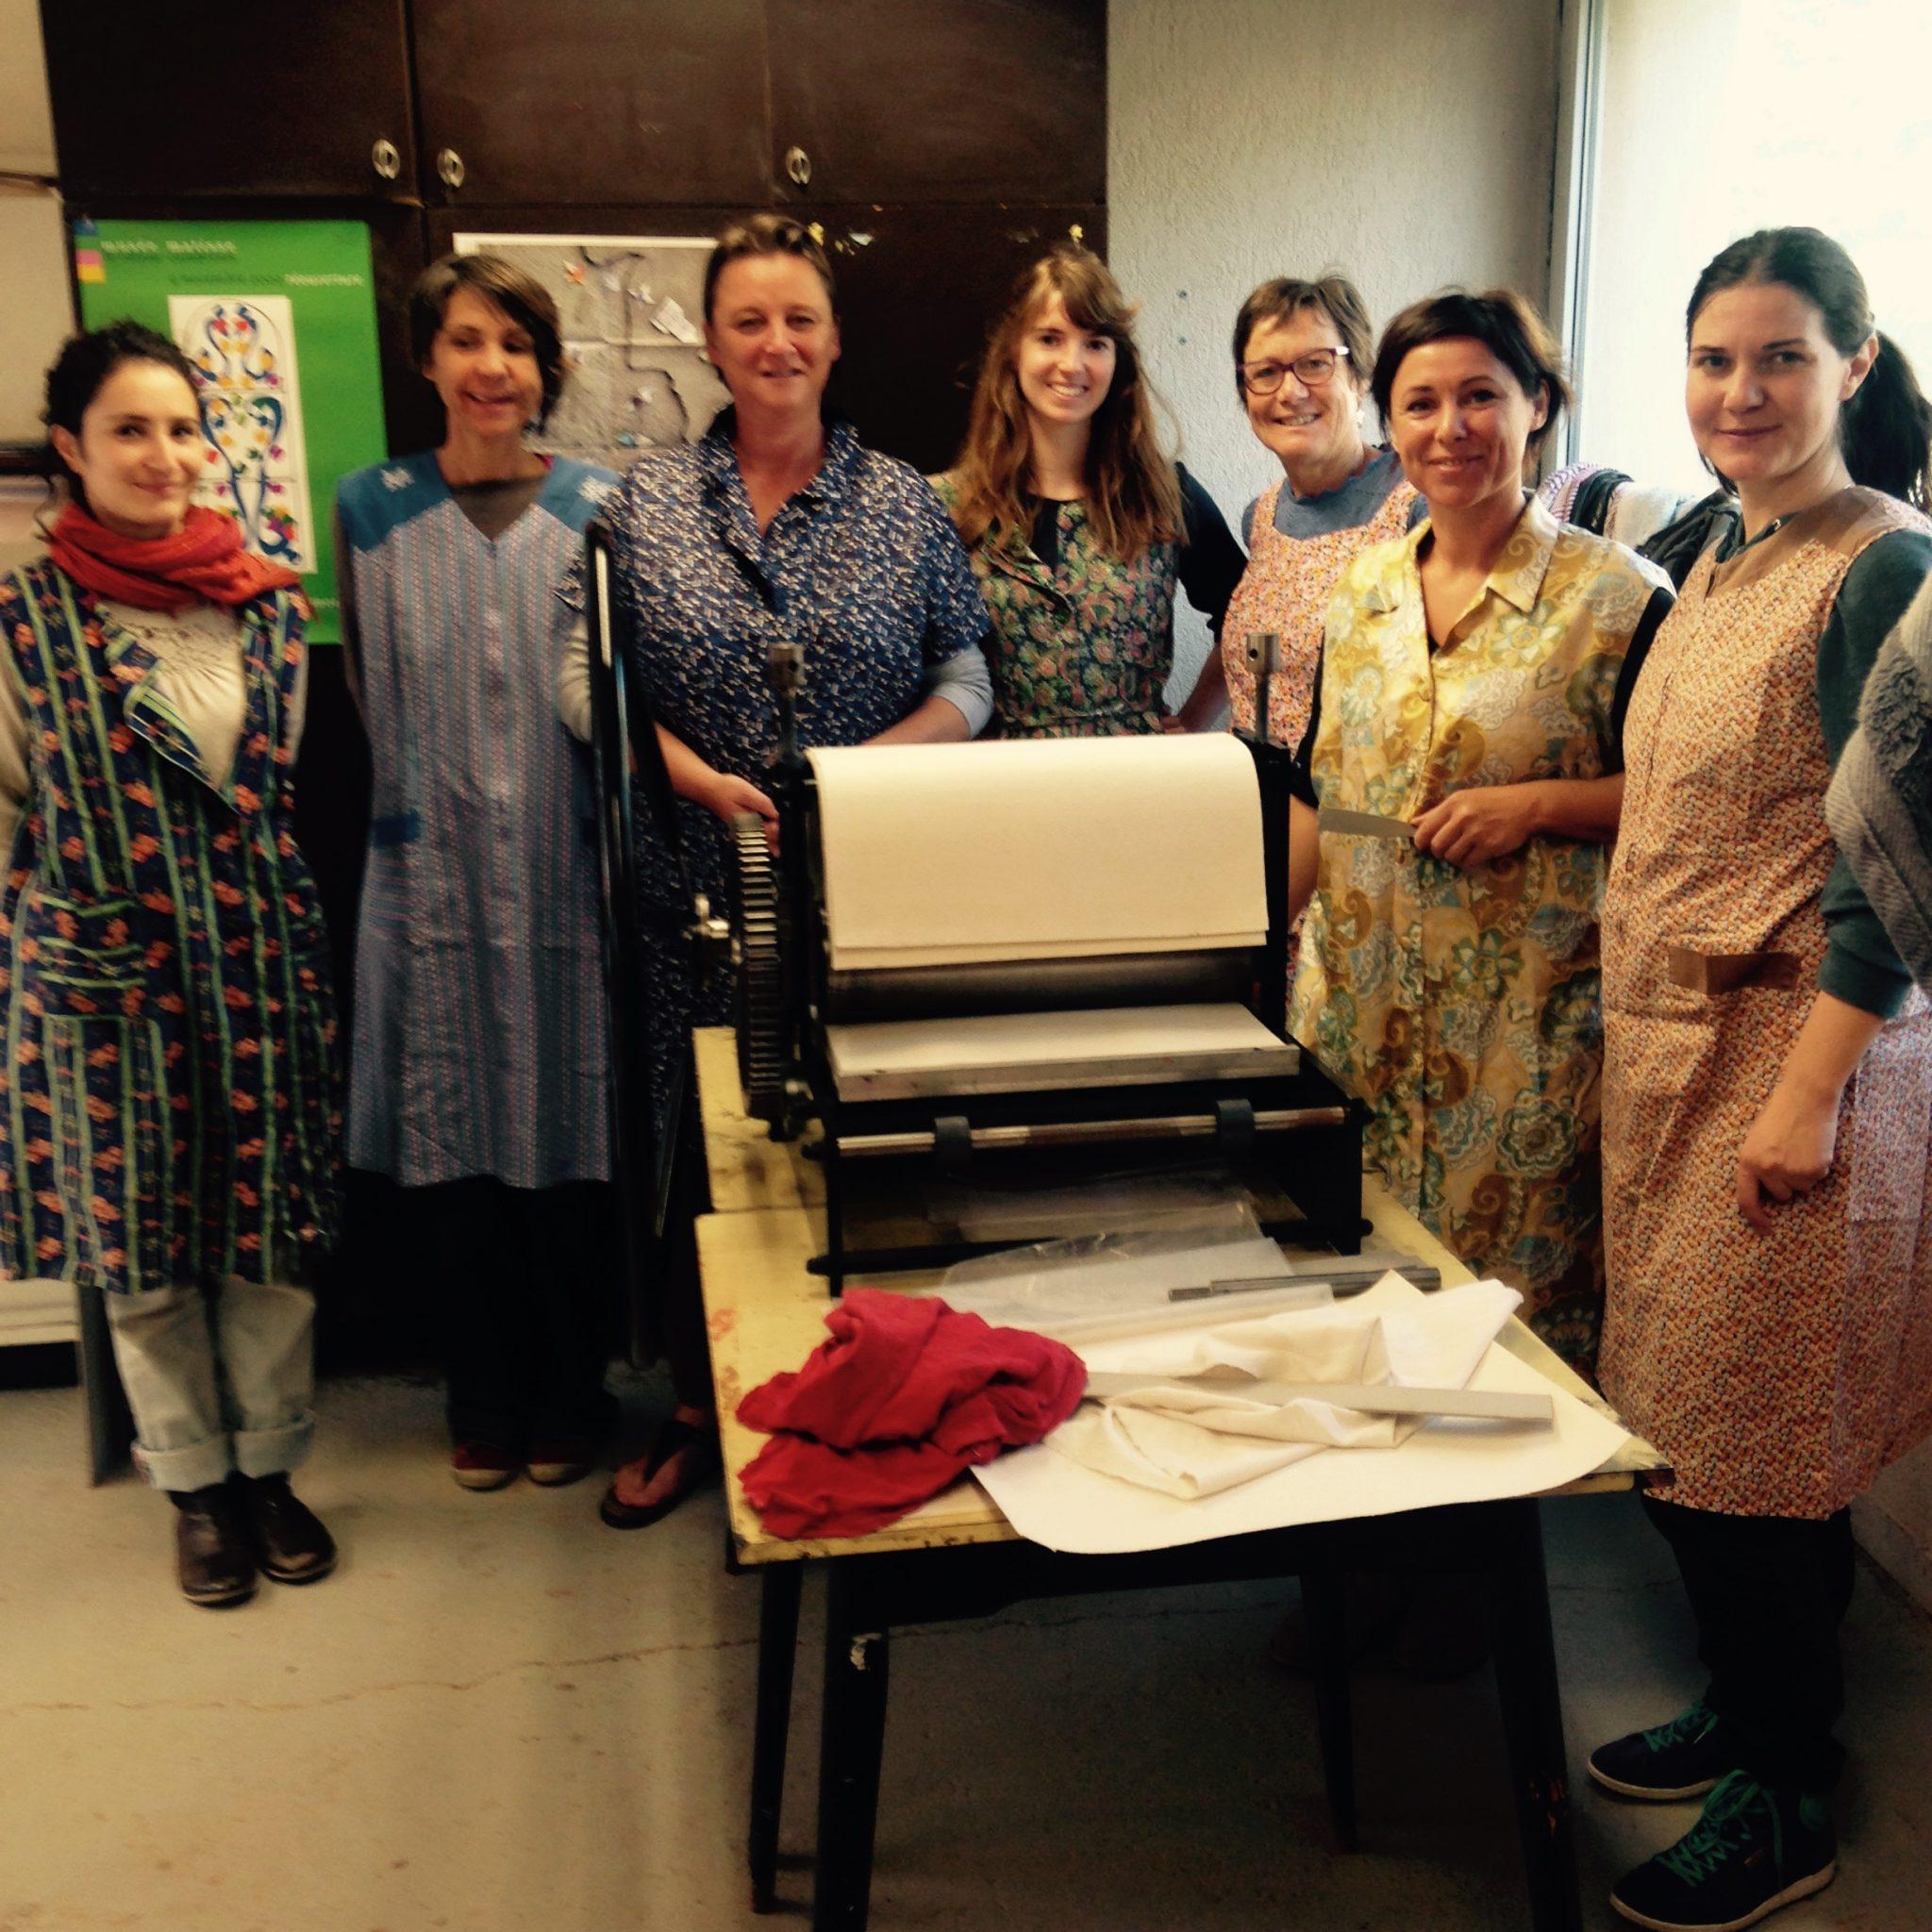 LinoLino | Linogravure et créations à partir d'impressions artisanales | Chambéry, France | Atelier Gravure Association ALEA, Montmélian